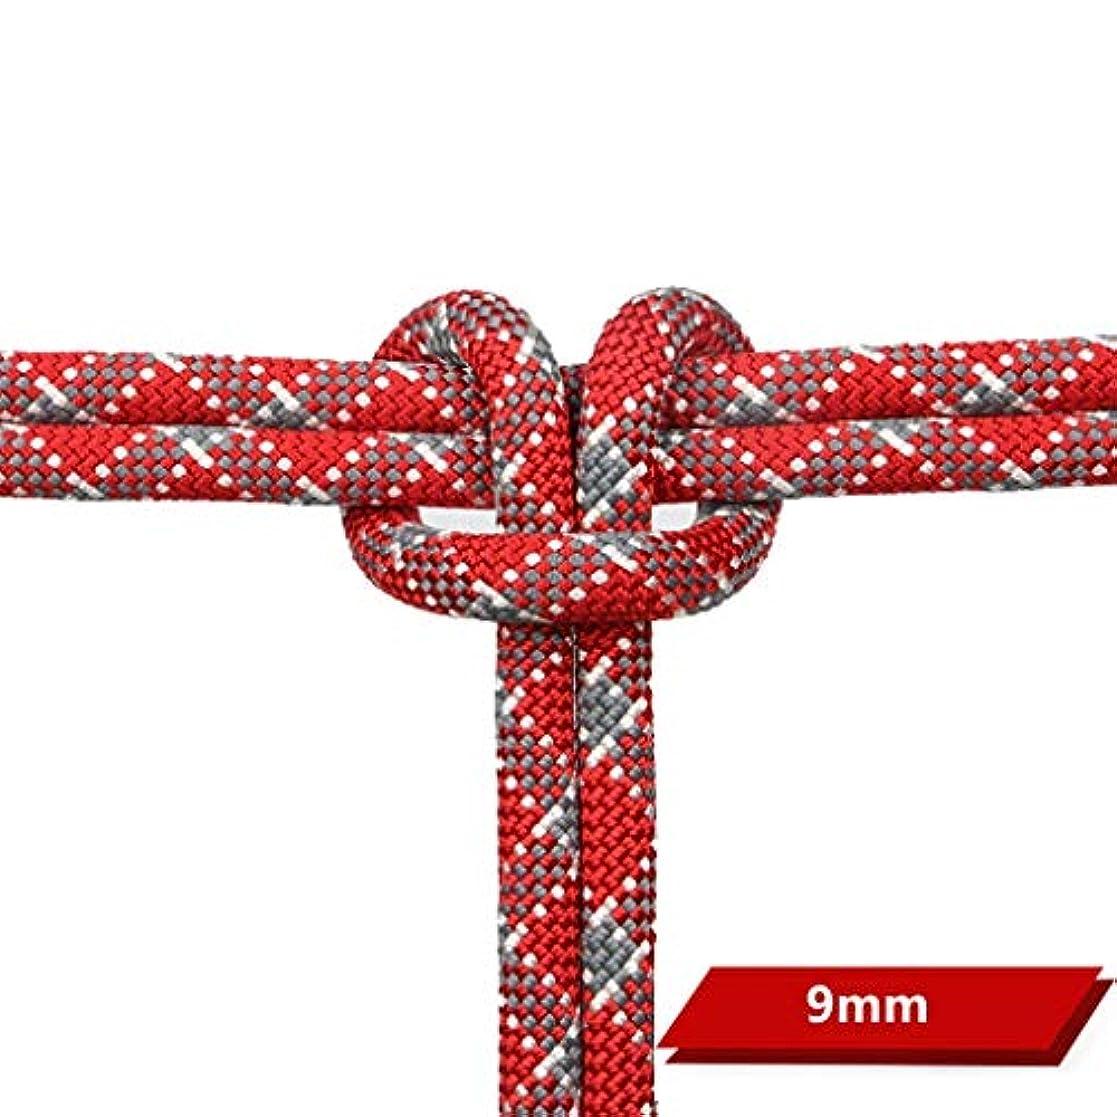 謙虚な保安芽ロープ(張り綱) スタティックロープクライミングロープ屋外登山ラペリングロープ空中作業用救助ロープ9mm(0.35in)/ 10mm(0.39in)/10.5mm(0.41in) (色 : 9MM, サイズ さいず : 80M(265.4FT))